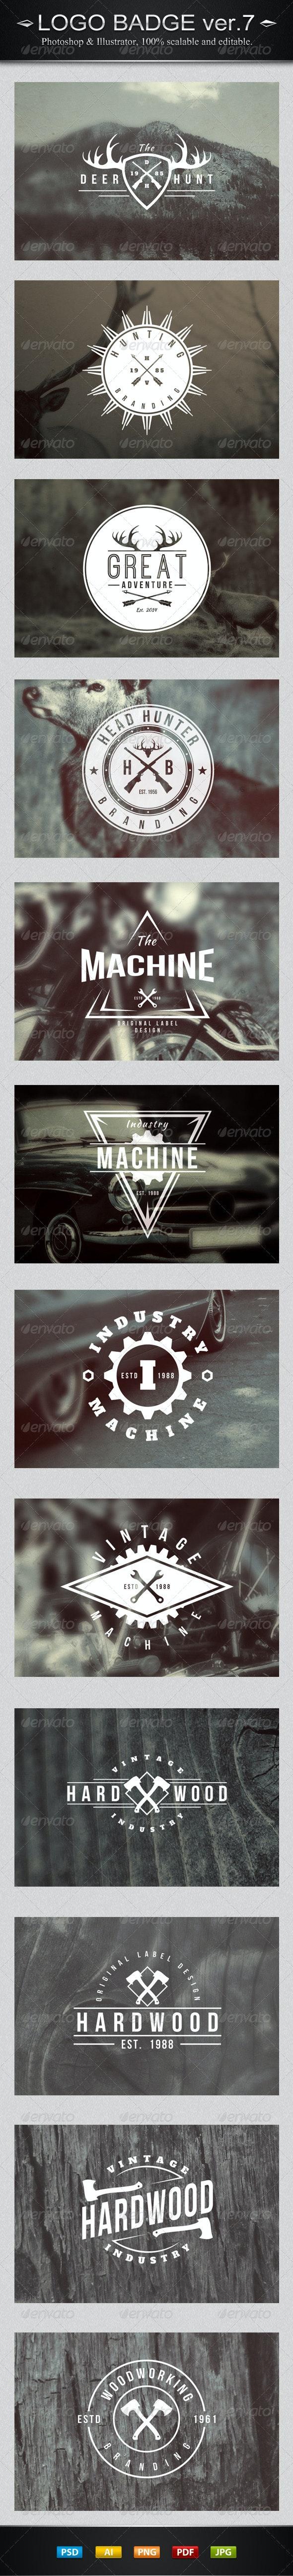 12 Vintage Logo Badges Ver.7 - Badges & Stickers Web Elements